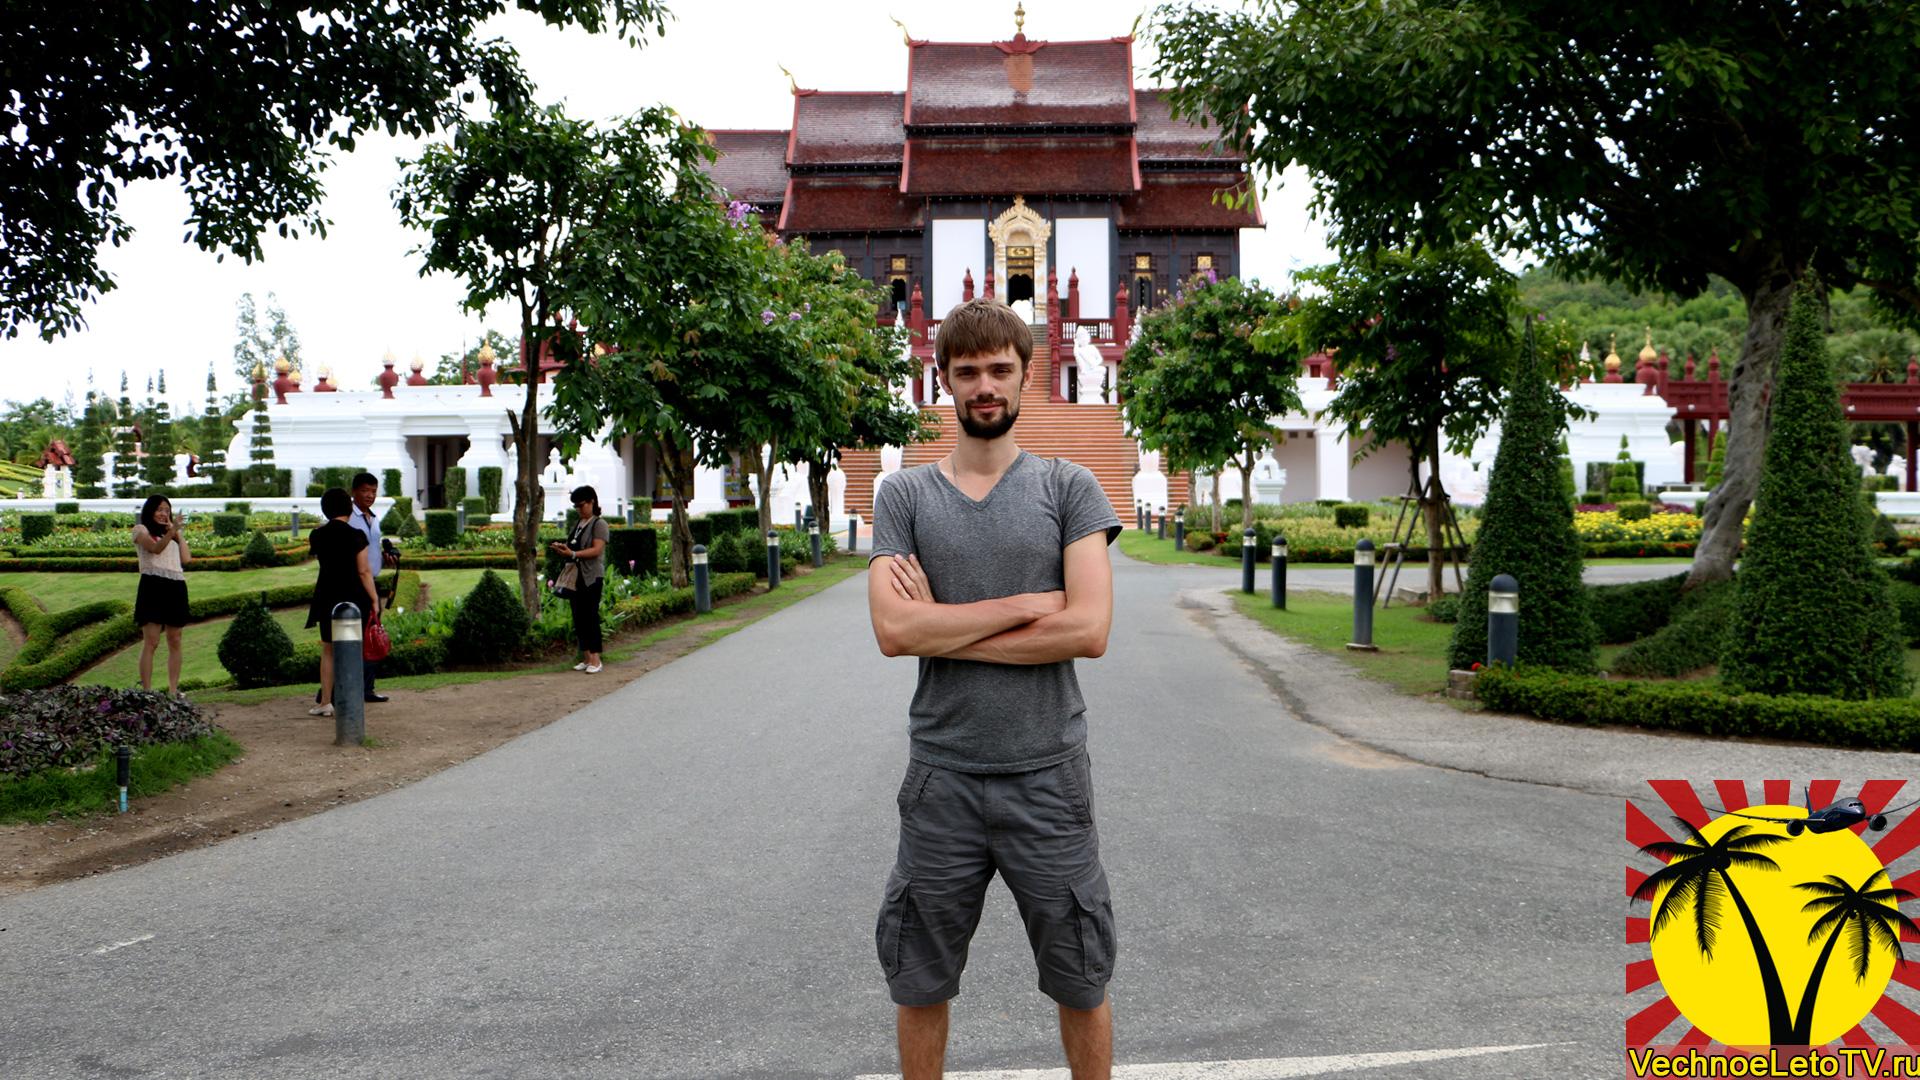 Роял-флора-ботанический-парк-Чиангмай-Тайланд